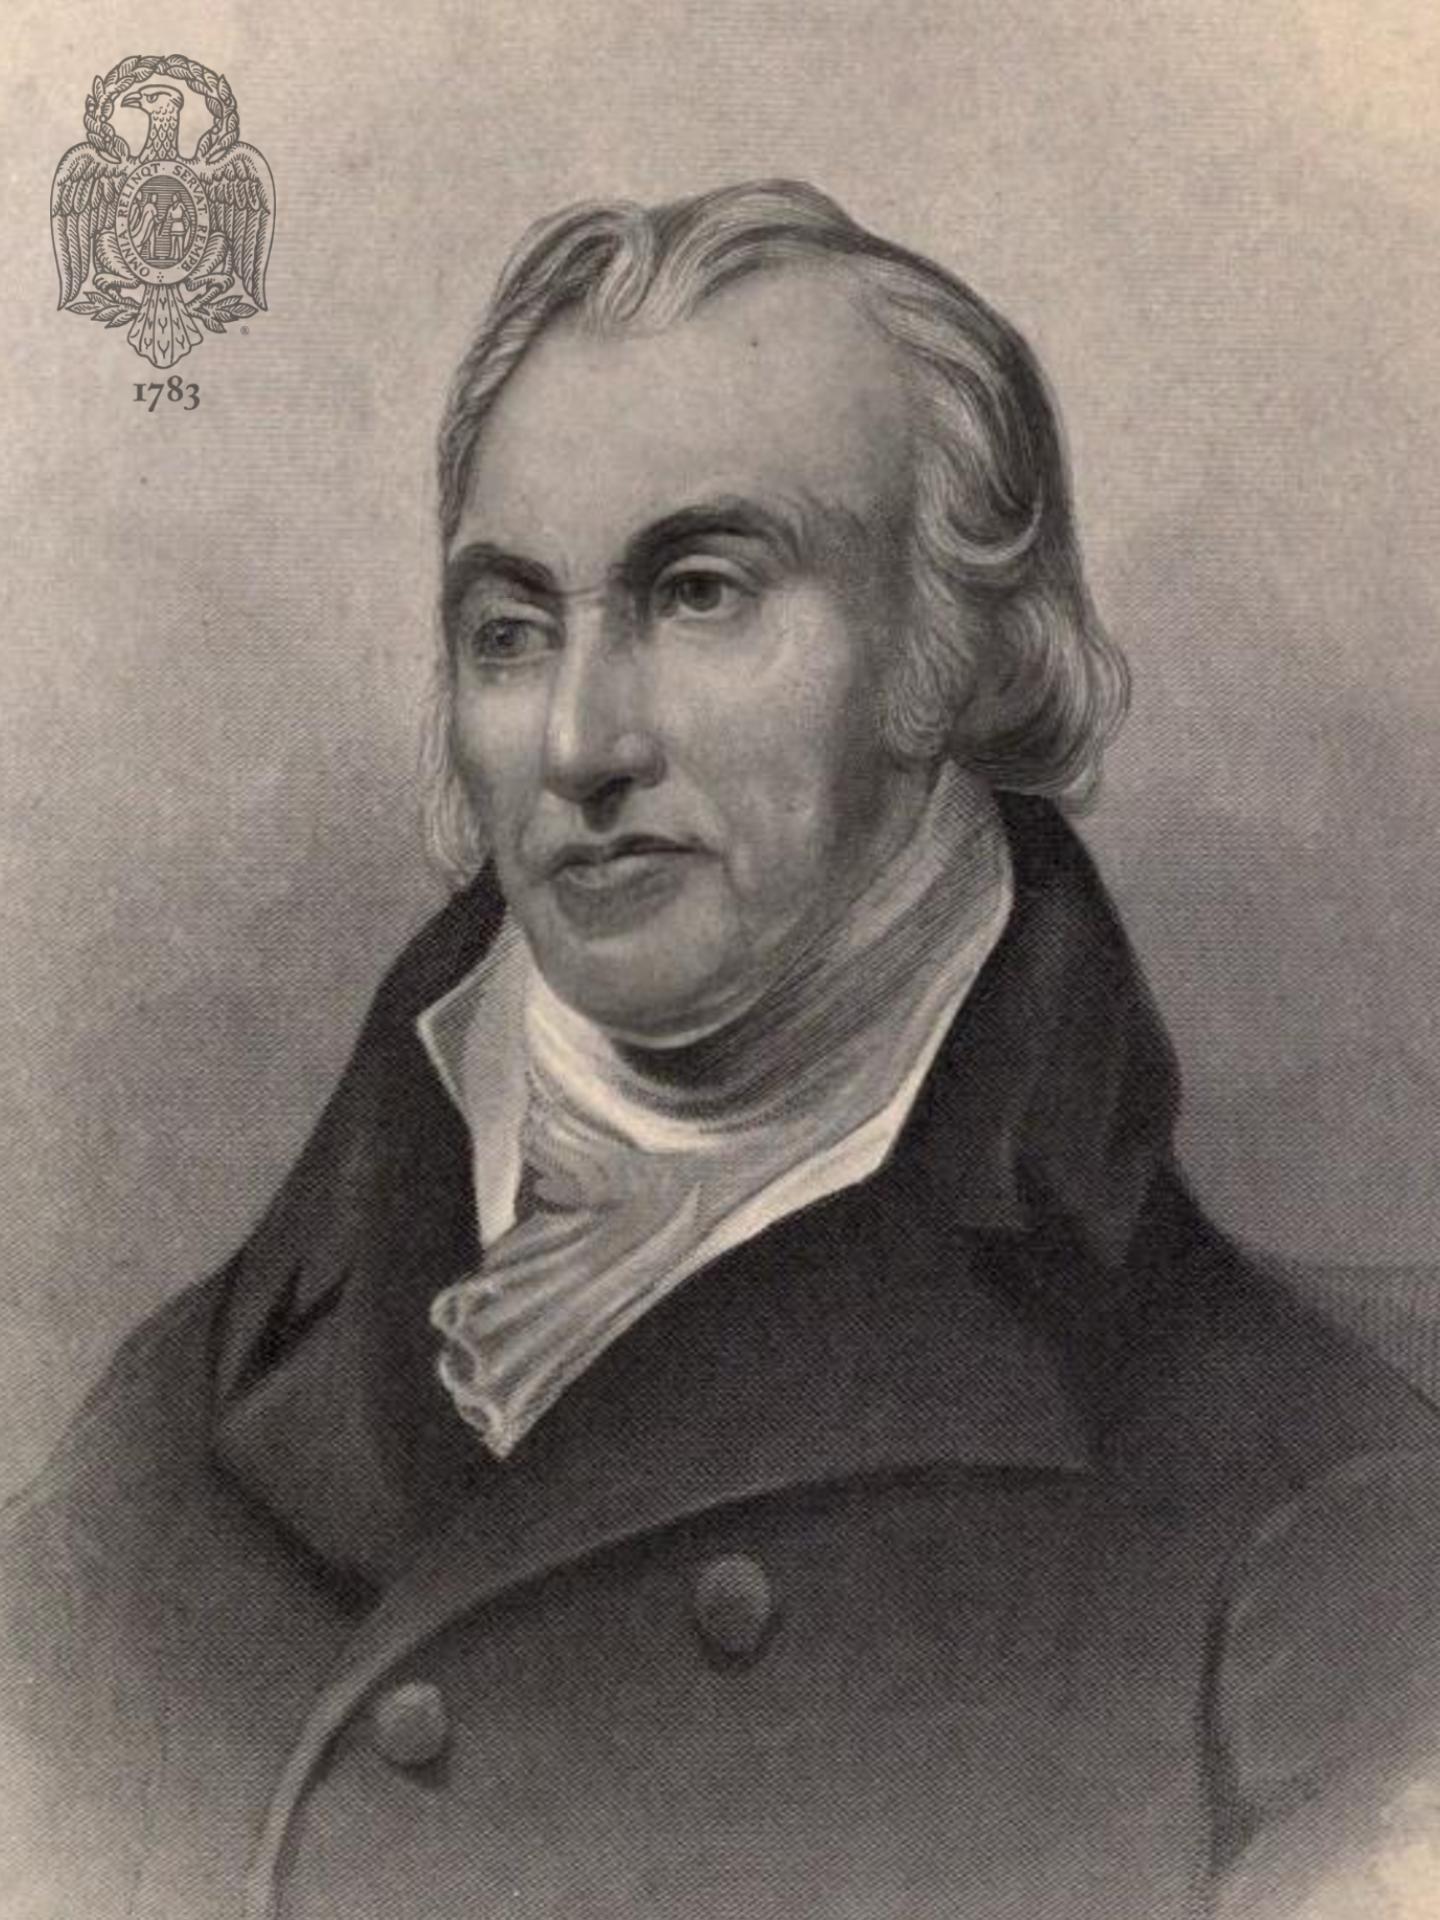 Col. Lambert Cadwalader